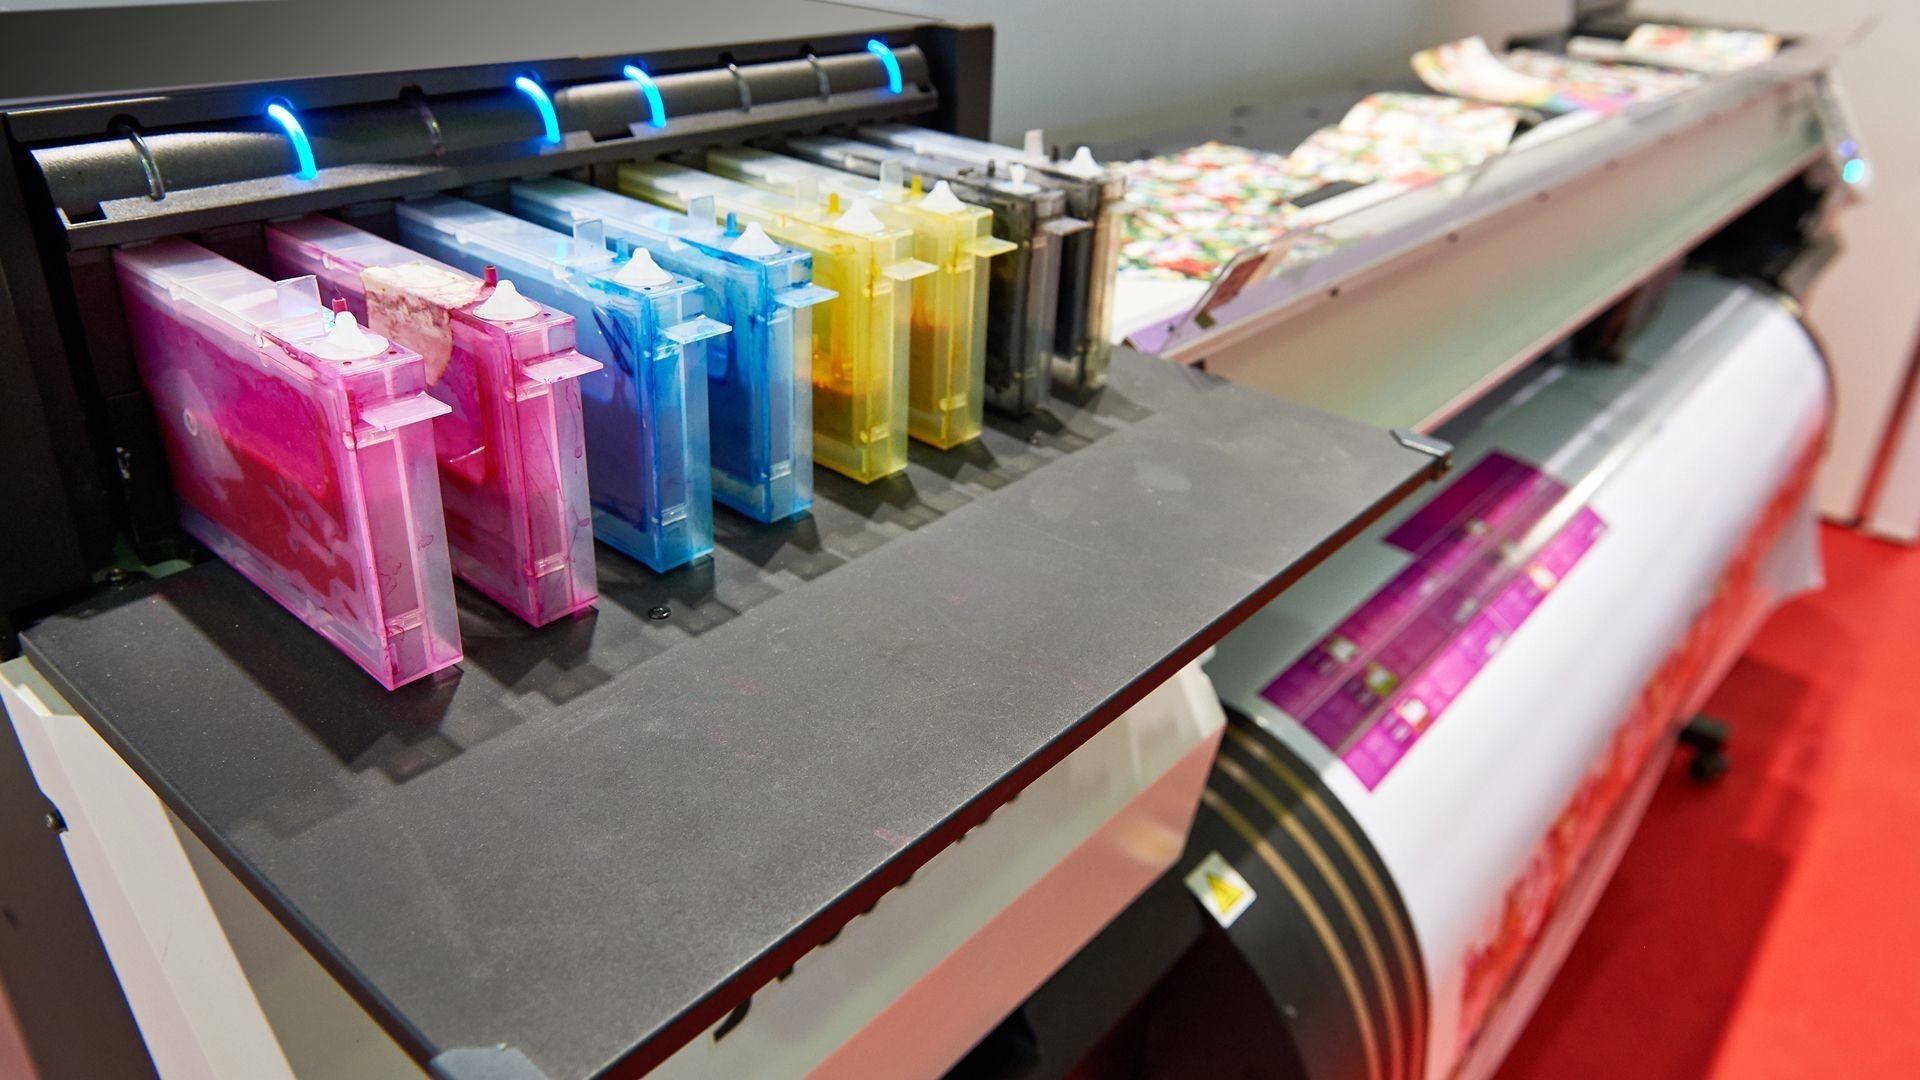 000 imprenta impresoras artes gráficas toner grna formato impresion